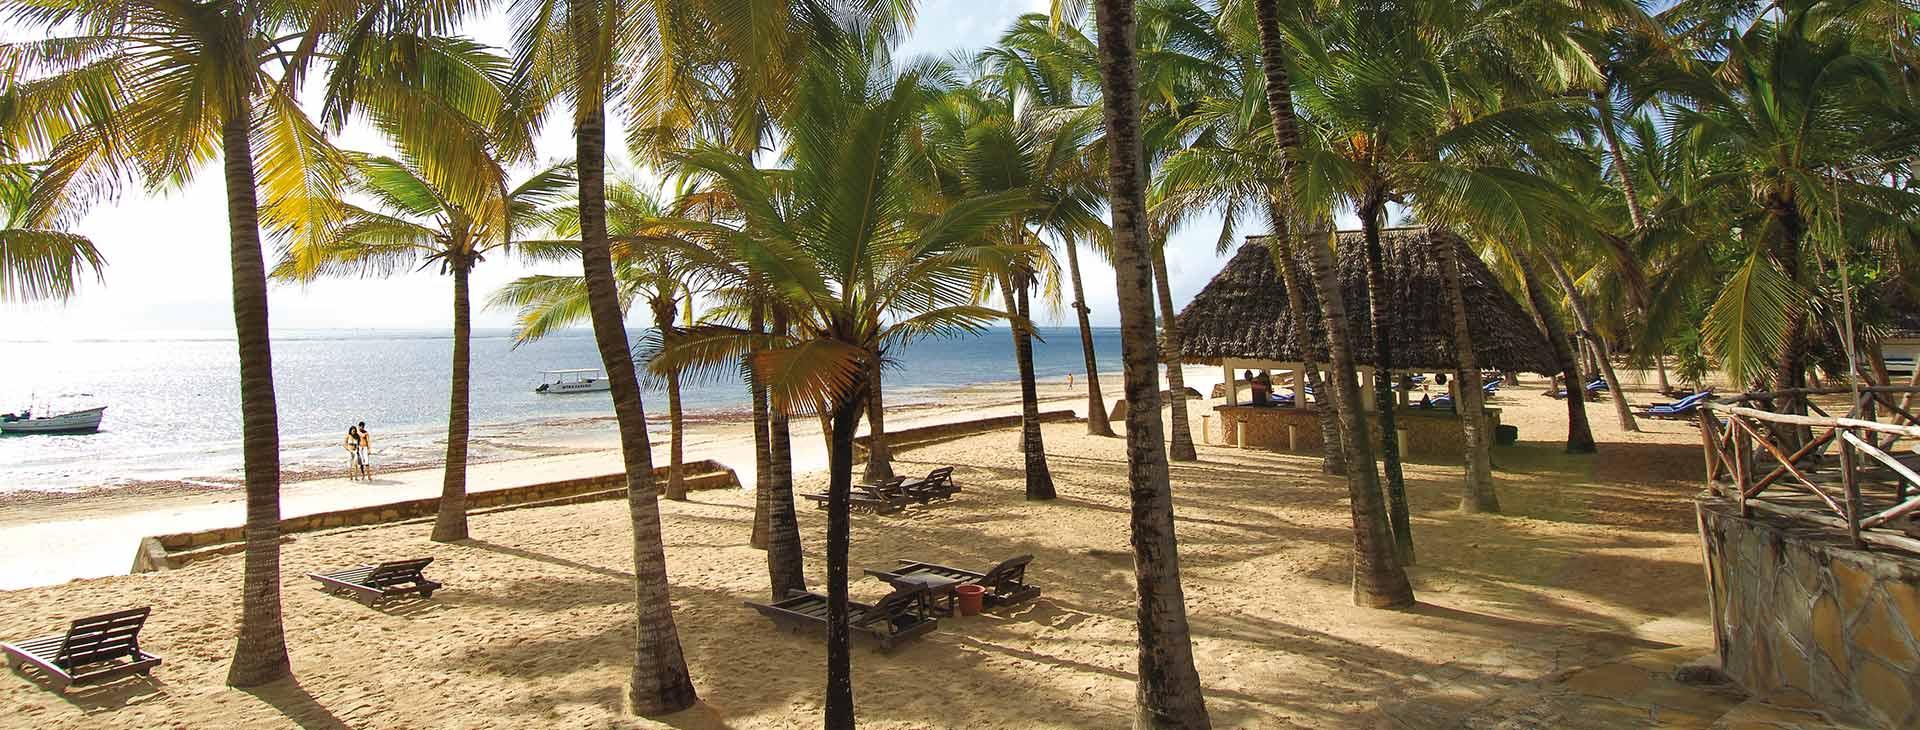 Powitanie z Afryką / Planhotel Tropical Village Be Kenia, Wyc. objazdowe